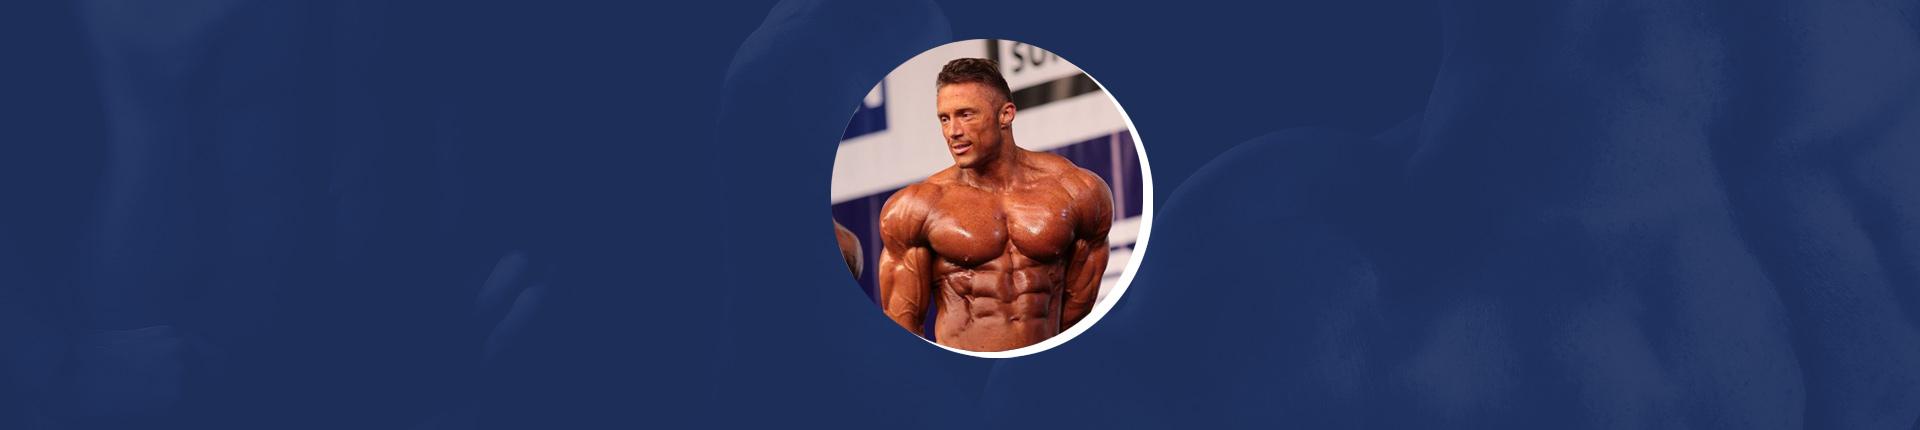 Maciej Kiełtyka - kulturystyka +100kg